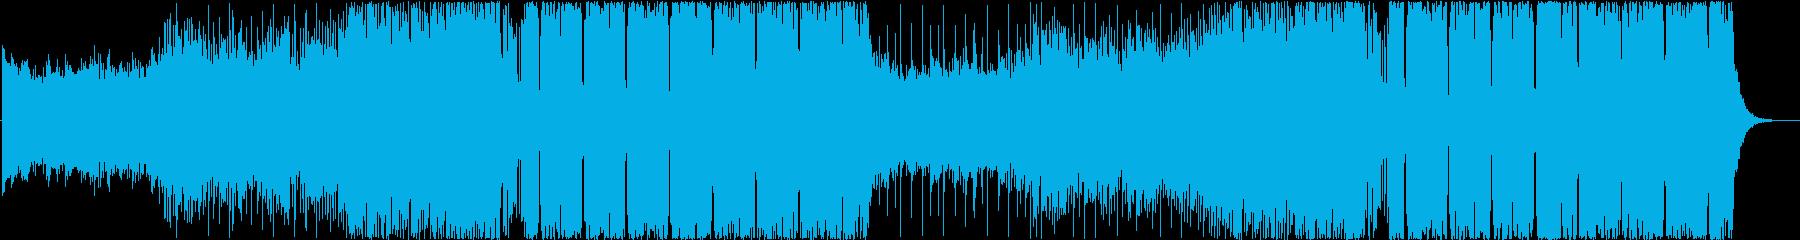 爽快なFuture Bassの再生済みの波形